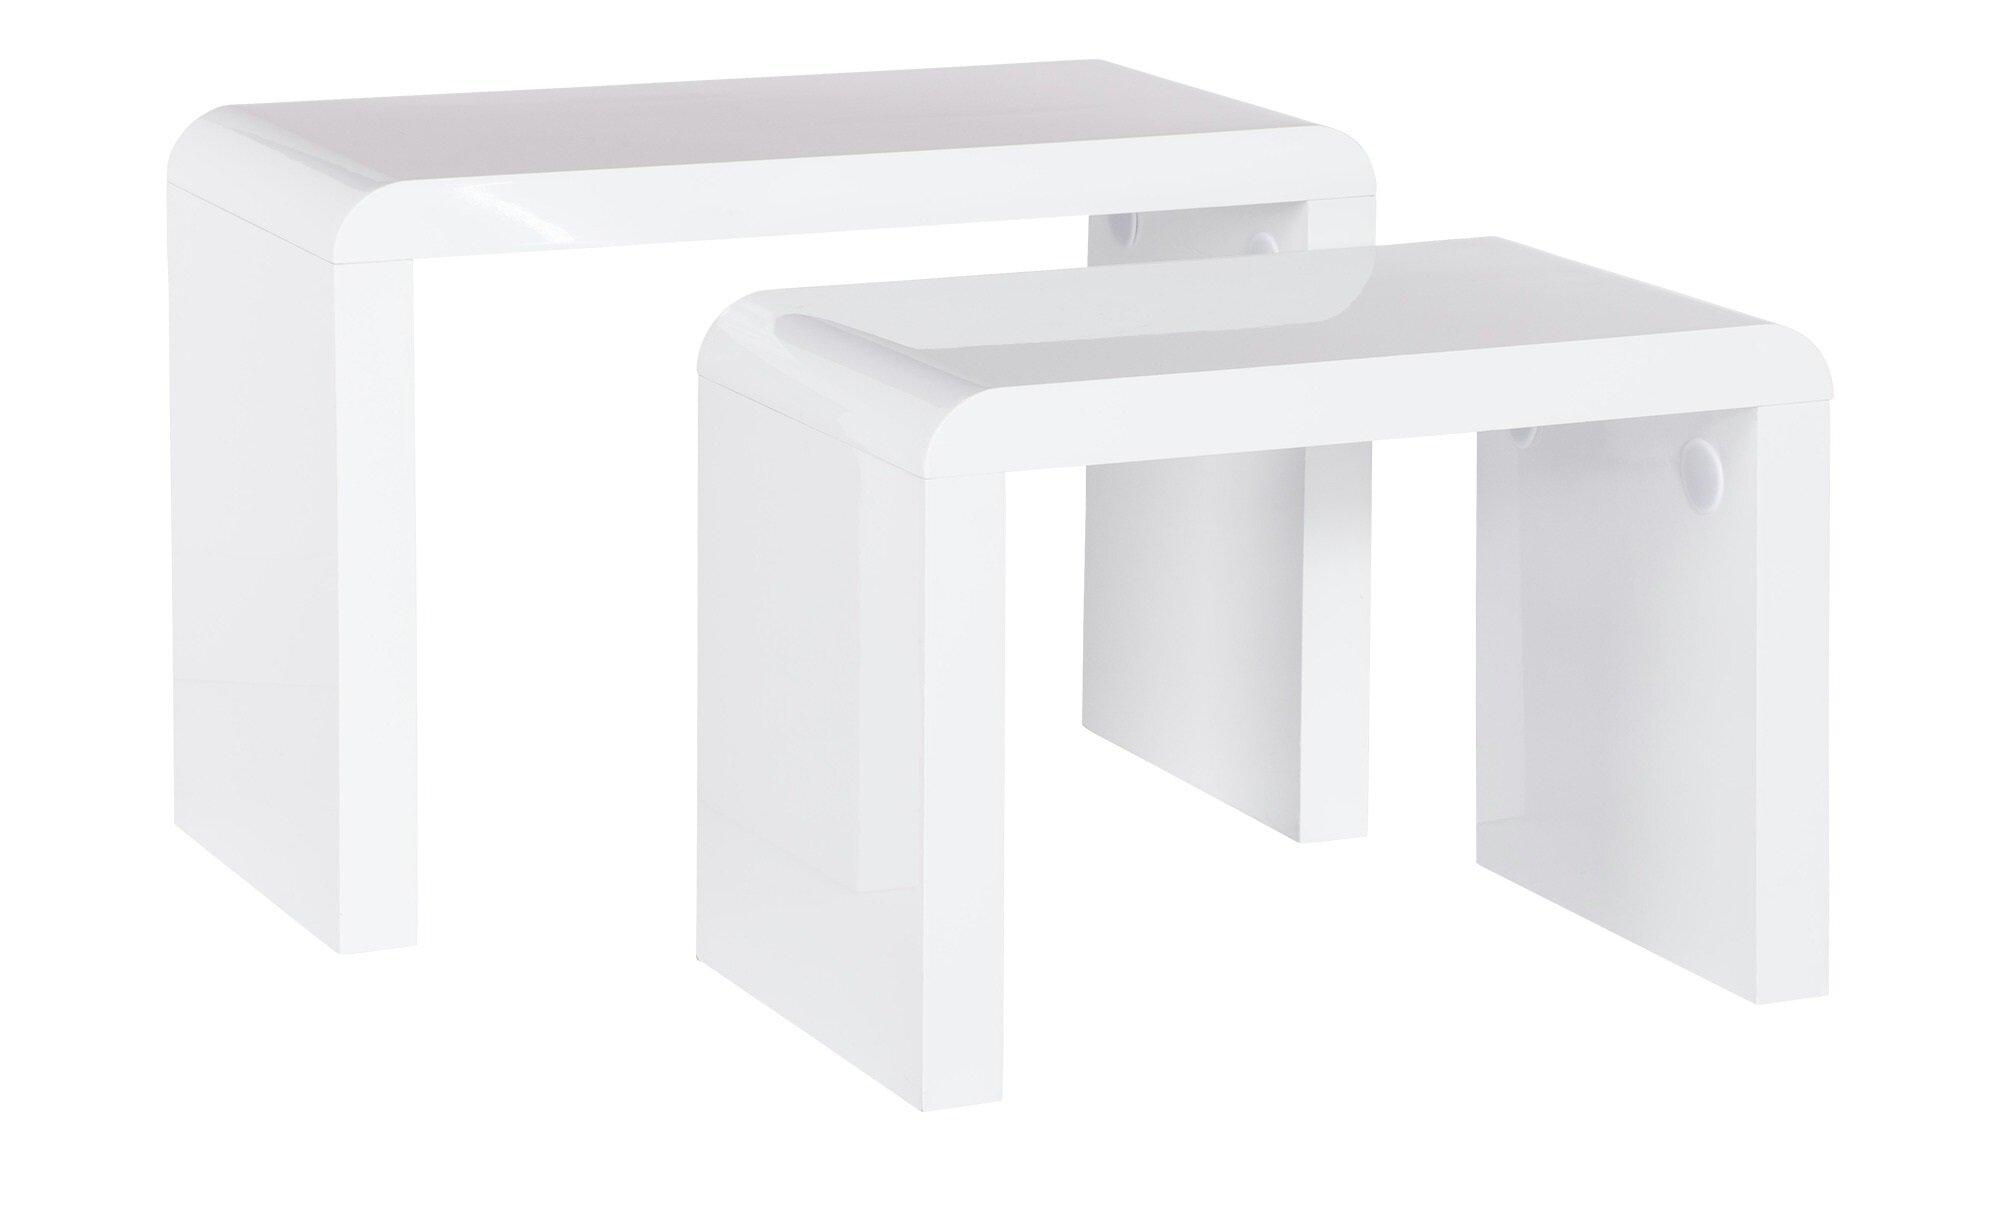 Phoenix Group Prana 2 Piece Nesting Tables U0026 Reviews | Wayfair.co.uk